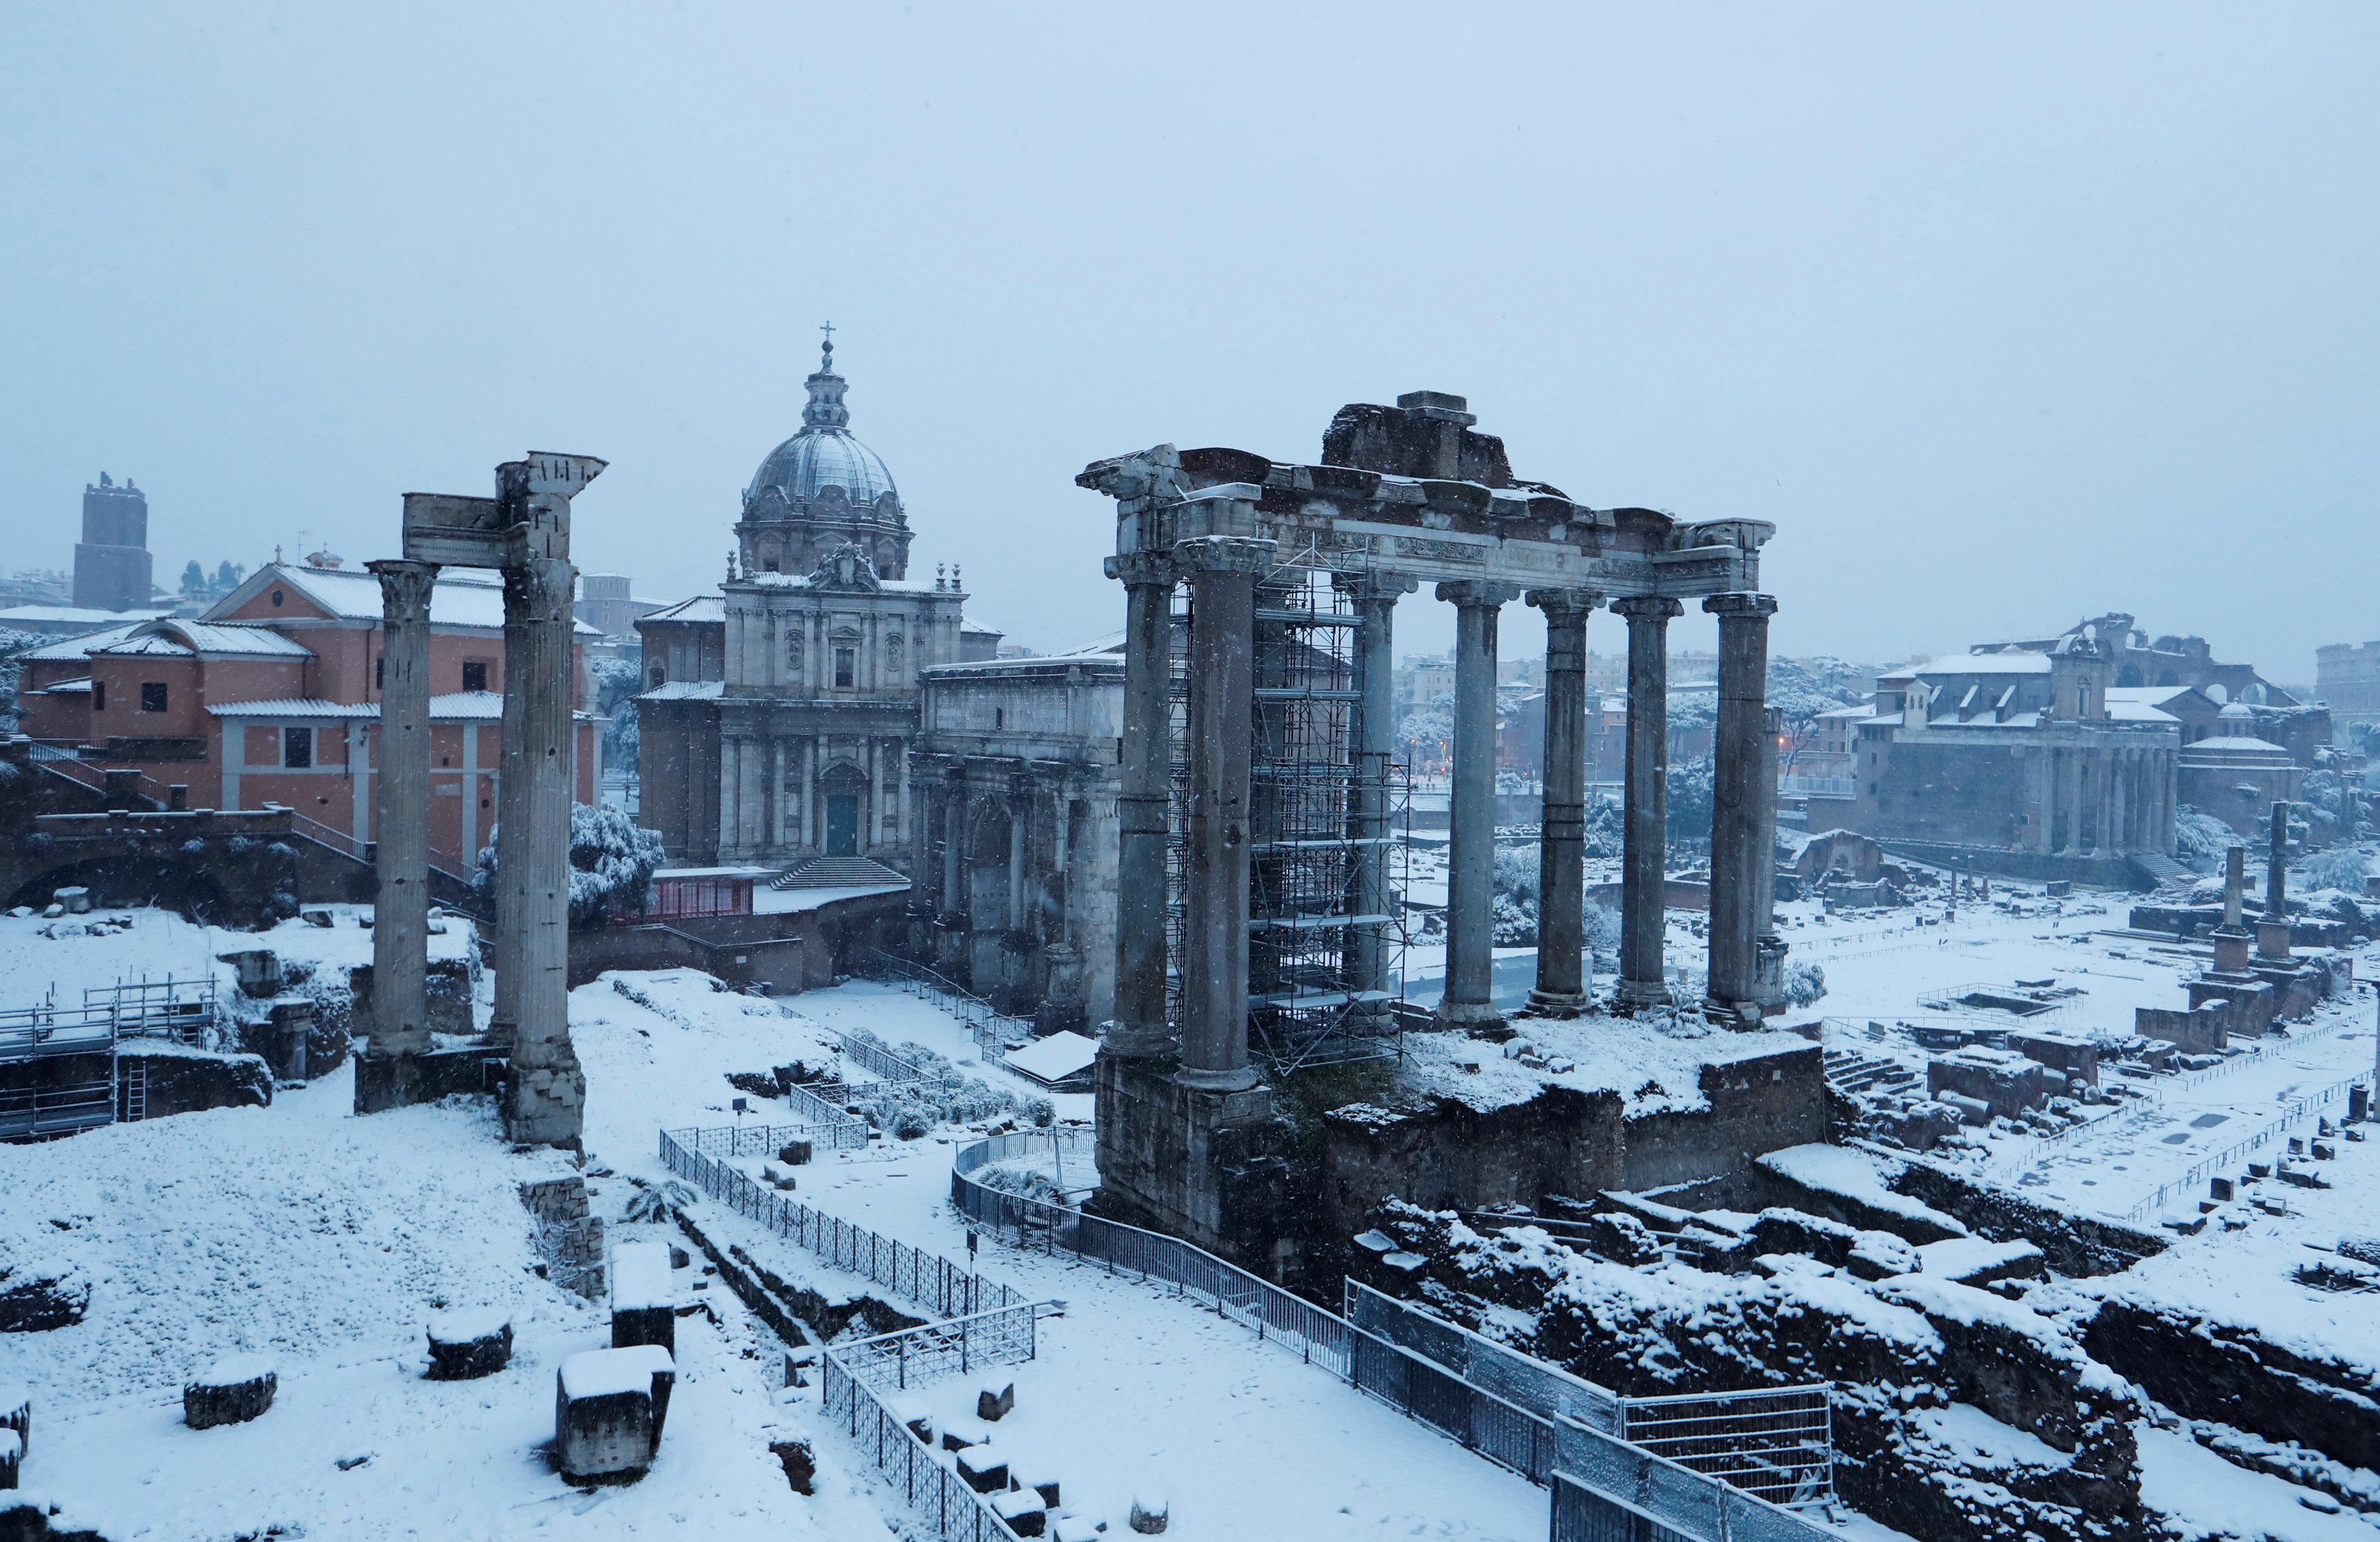 El Foro Romano cubierto de nieve (REUTERS/Remo Casilli)